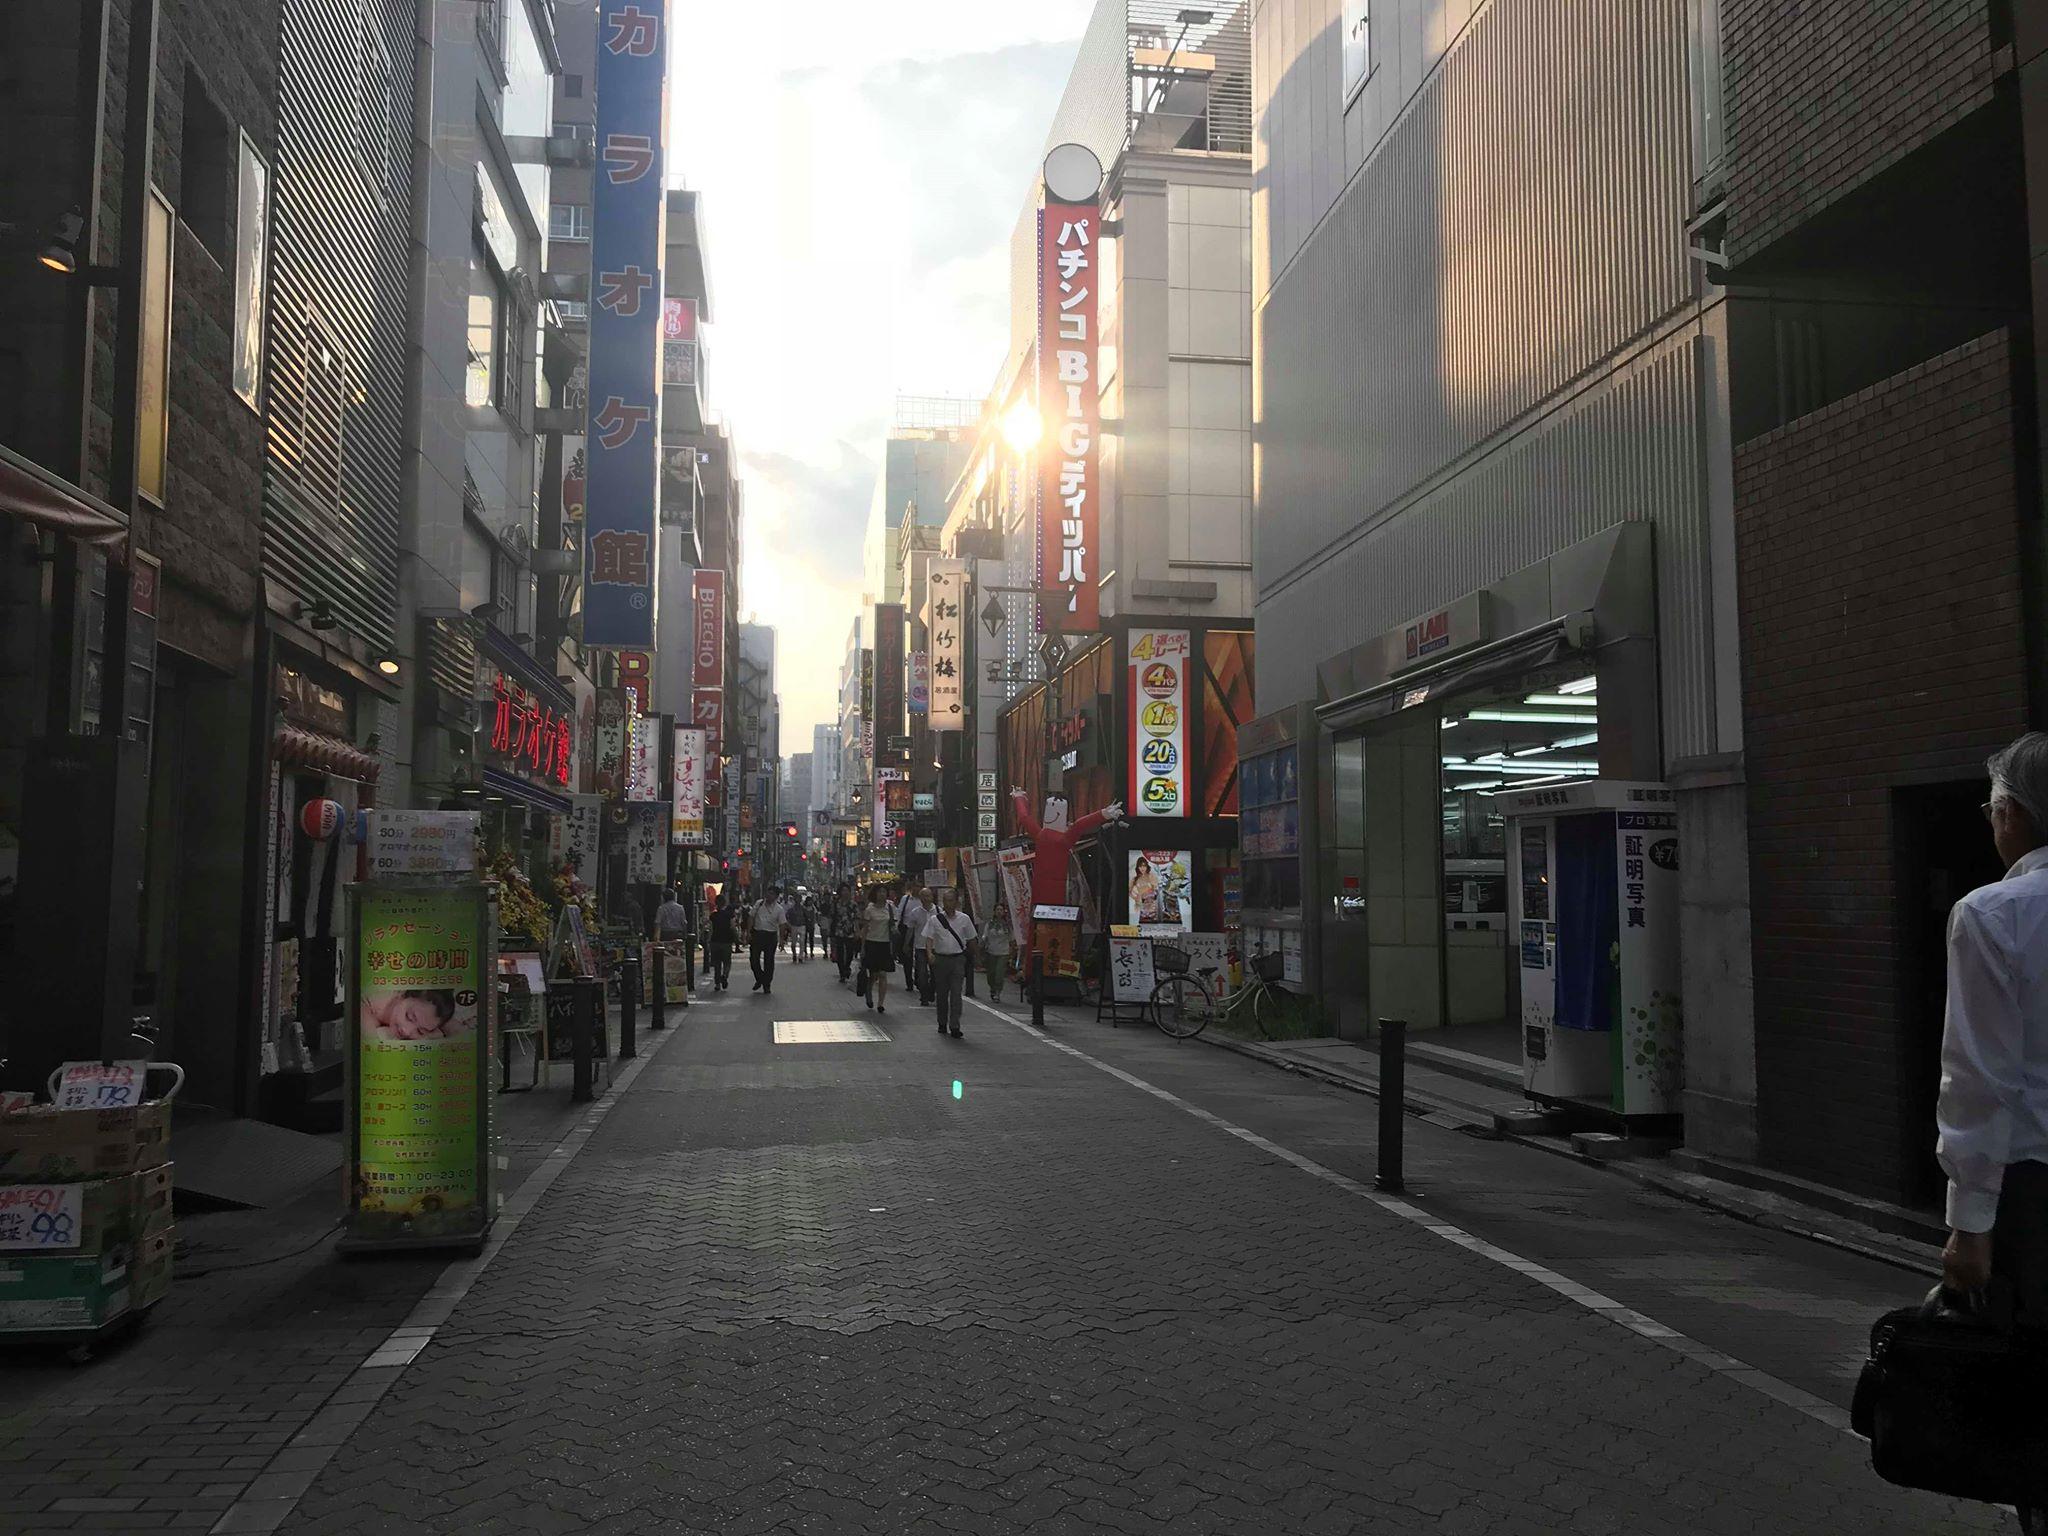 【レポート】18年7月24日新橋、旅するトーク